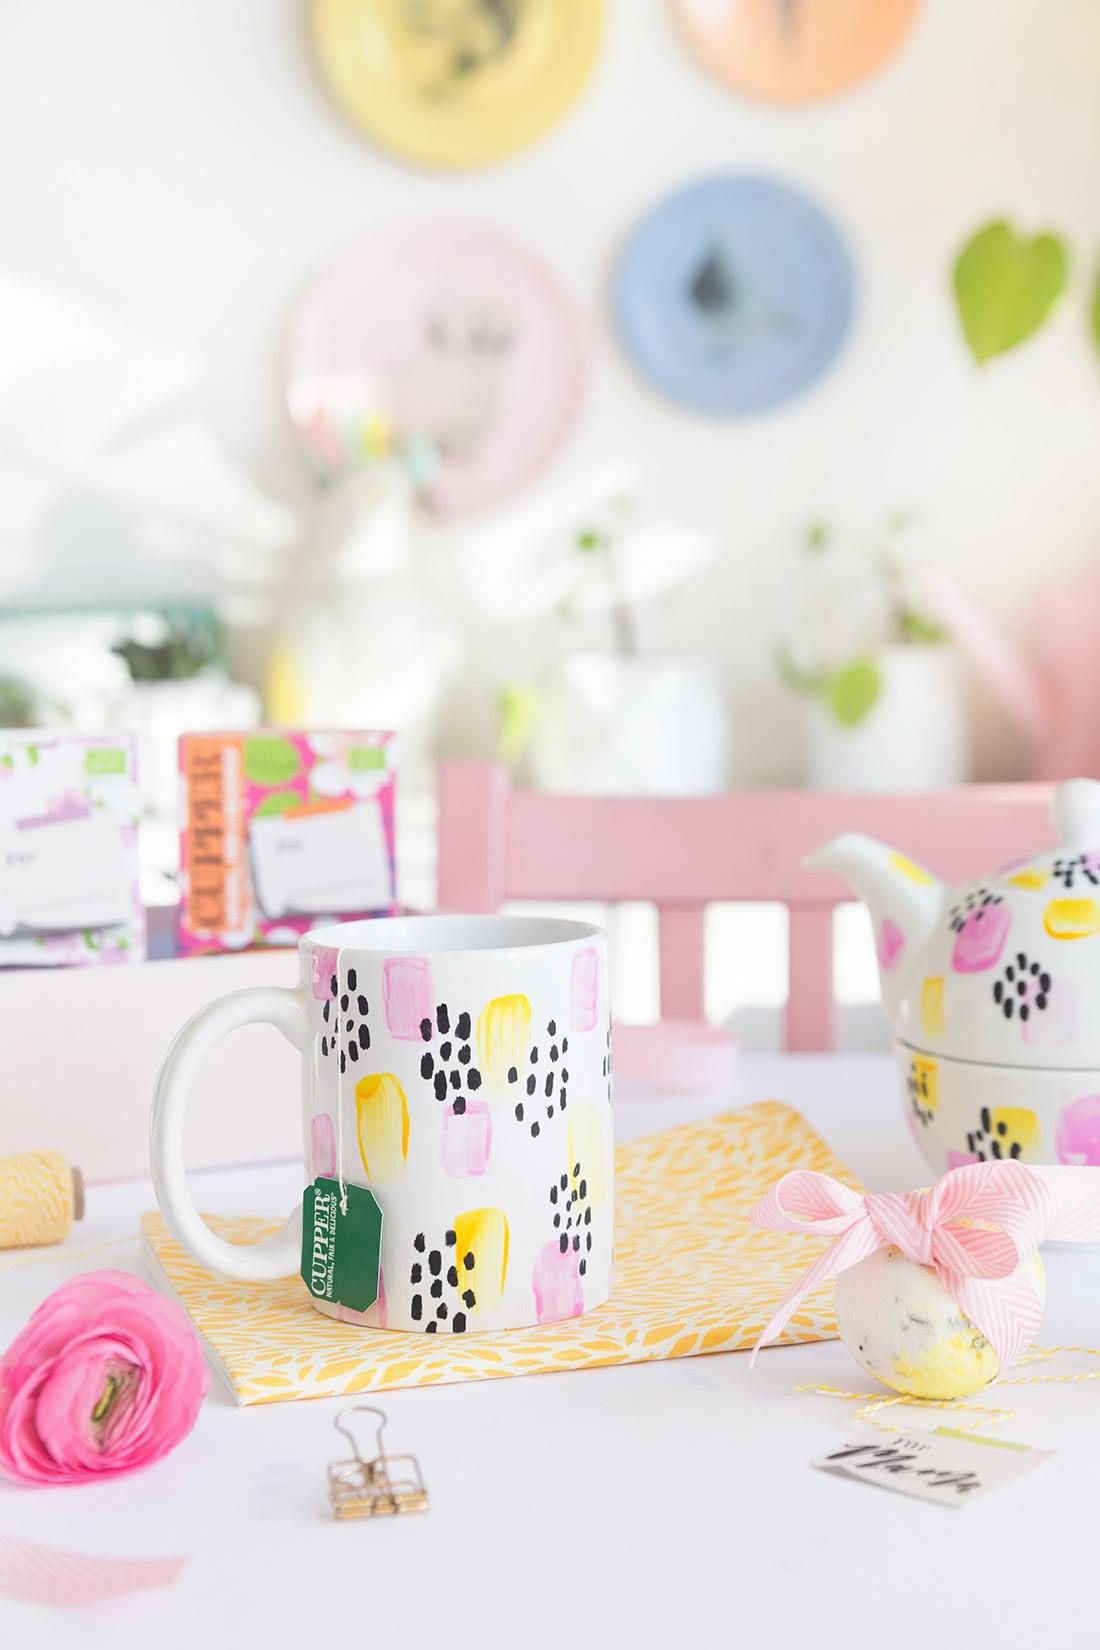 Diy Geschenk Idee Wellness Set Mit Diy Teetasse Und Zitronen Badebomben Verlosung Mein Feenstaub